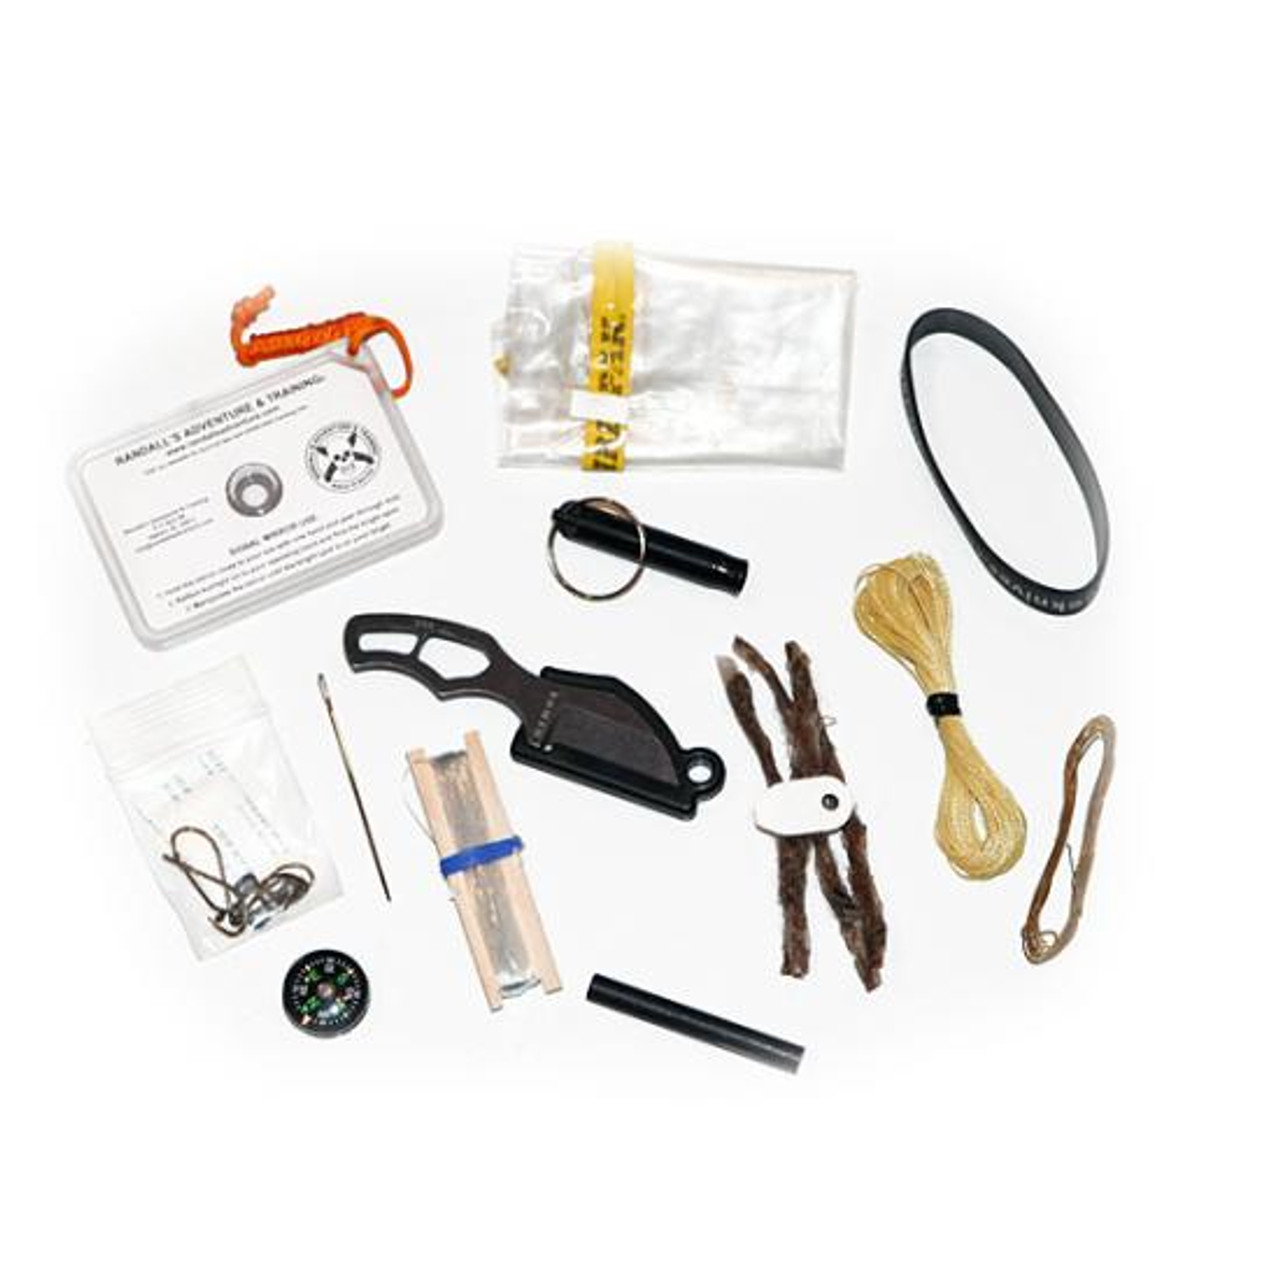 ESEE Pinch Pocket Survival Kit-(PINCH-KIT)